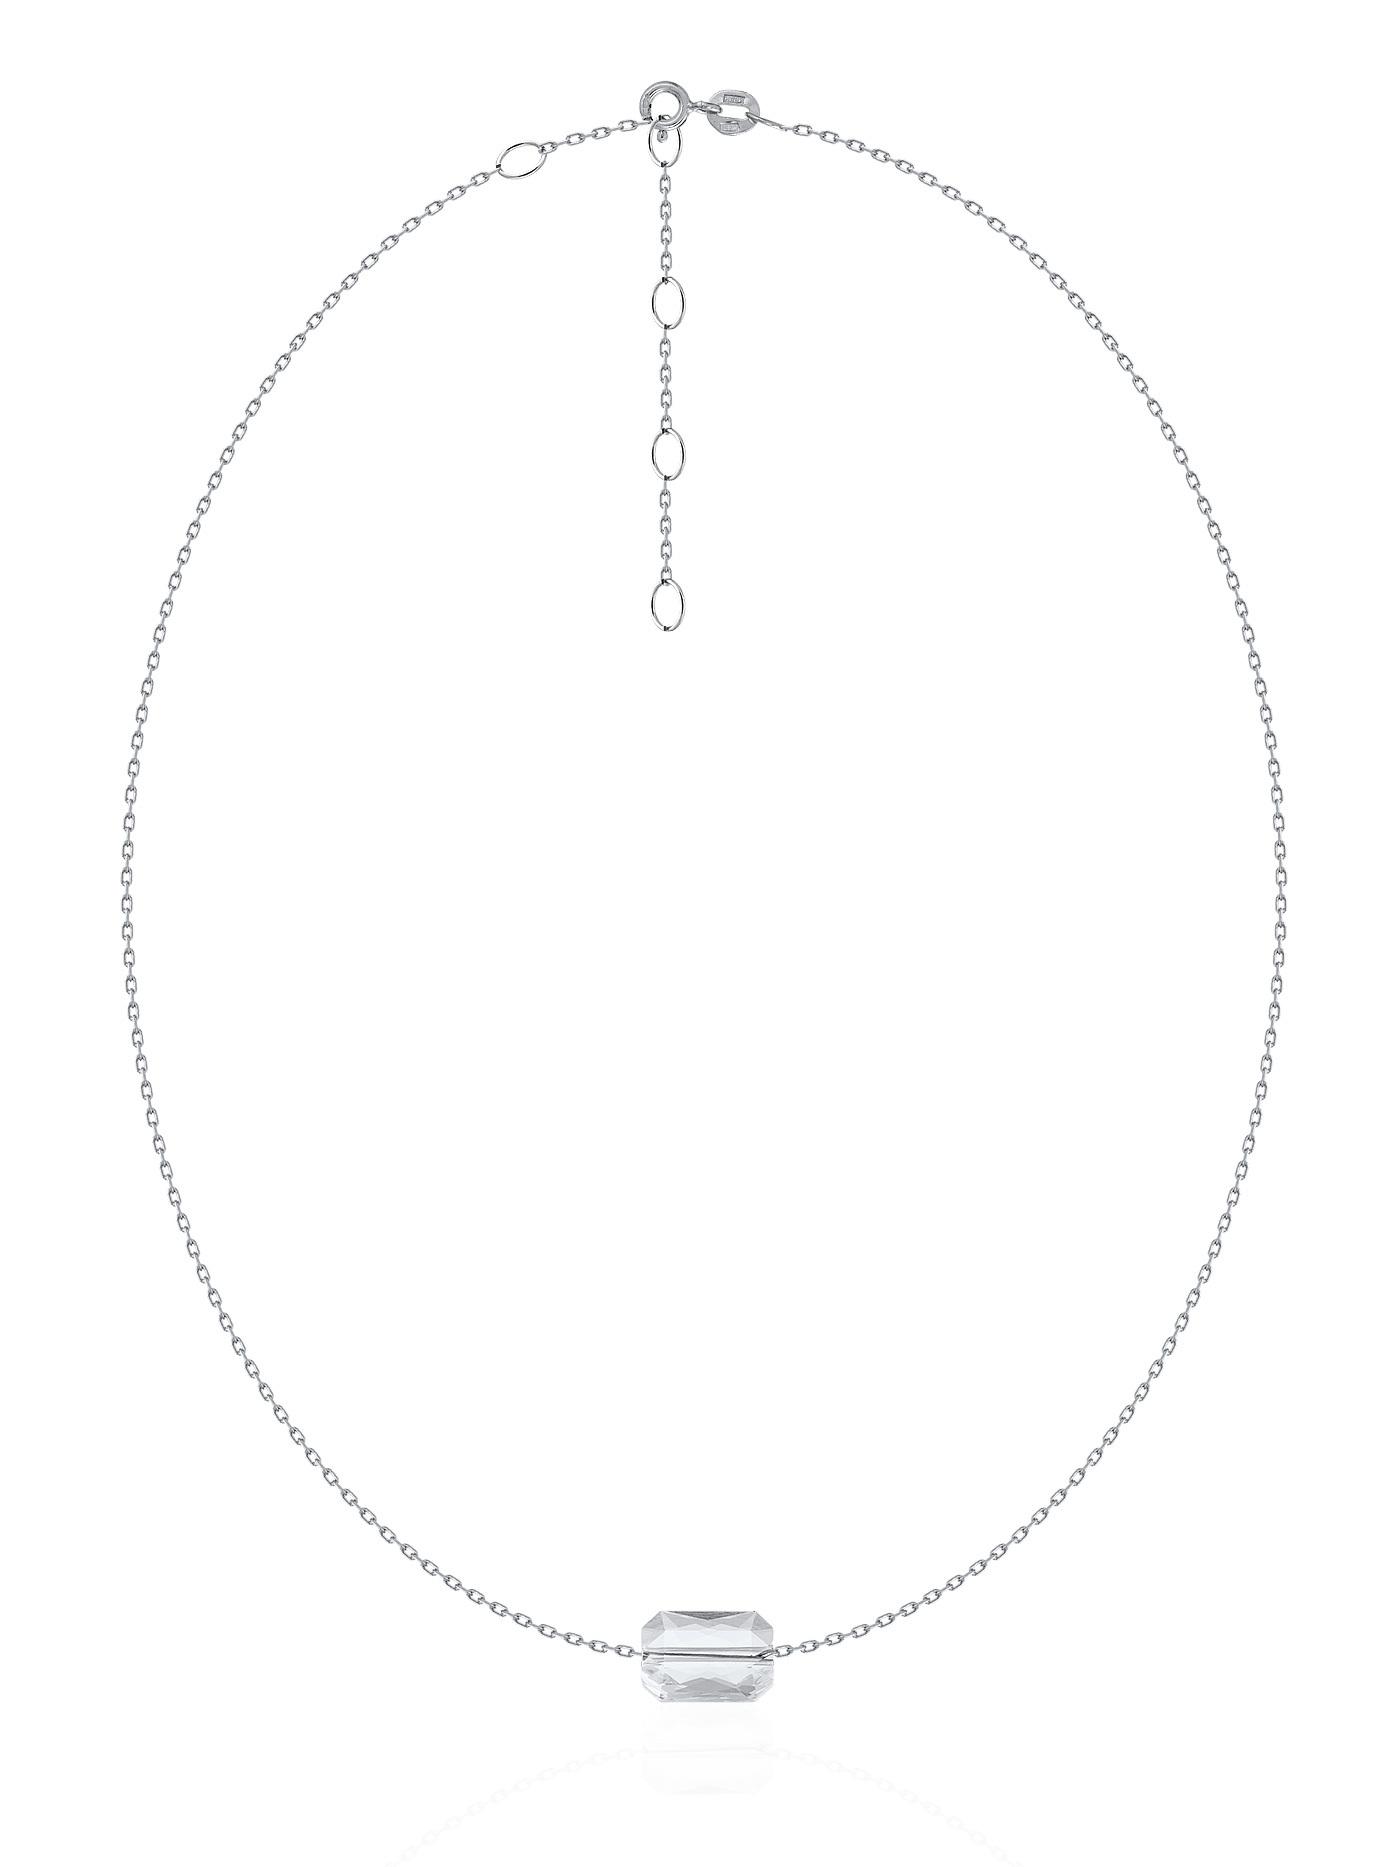 Серебряный чокер с кристаллом Swarovski в подарочной коробке